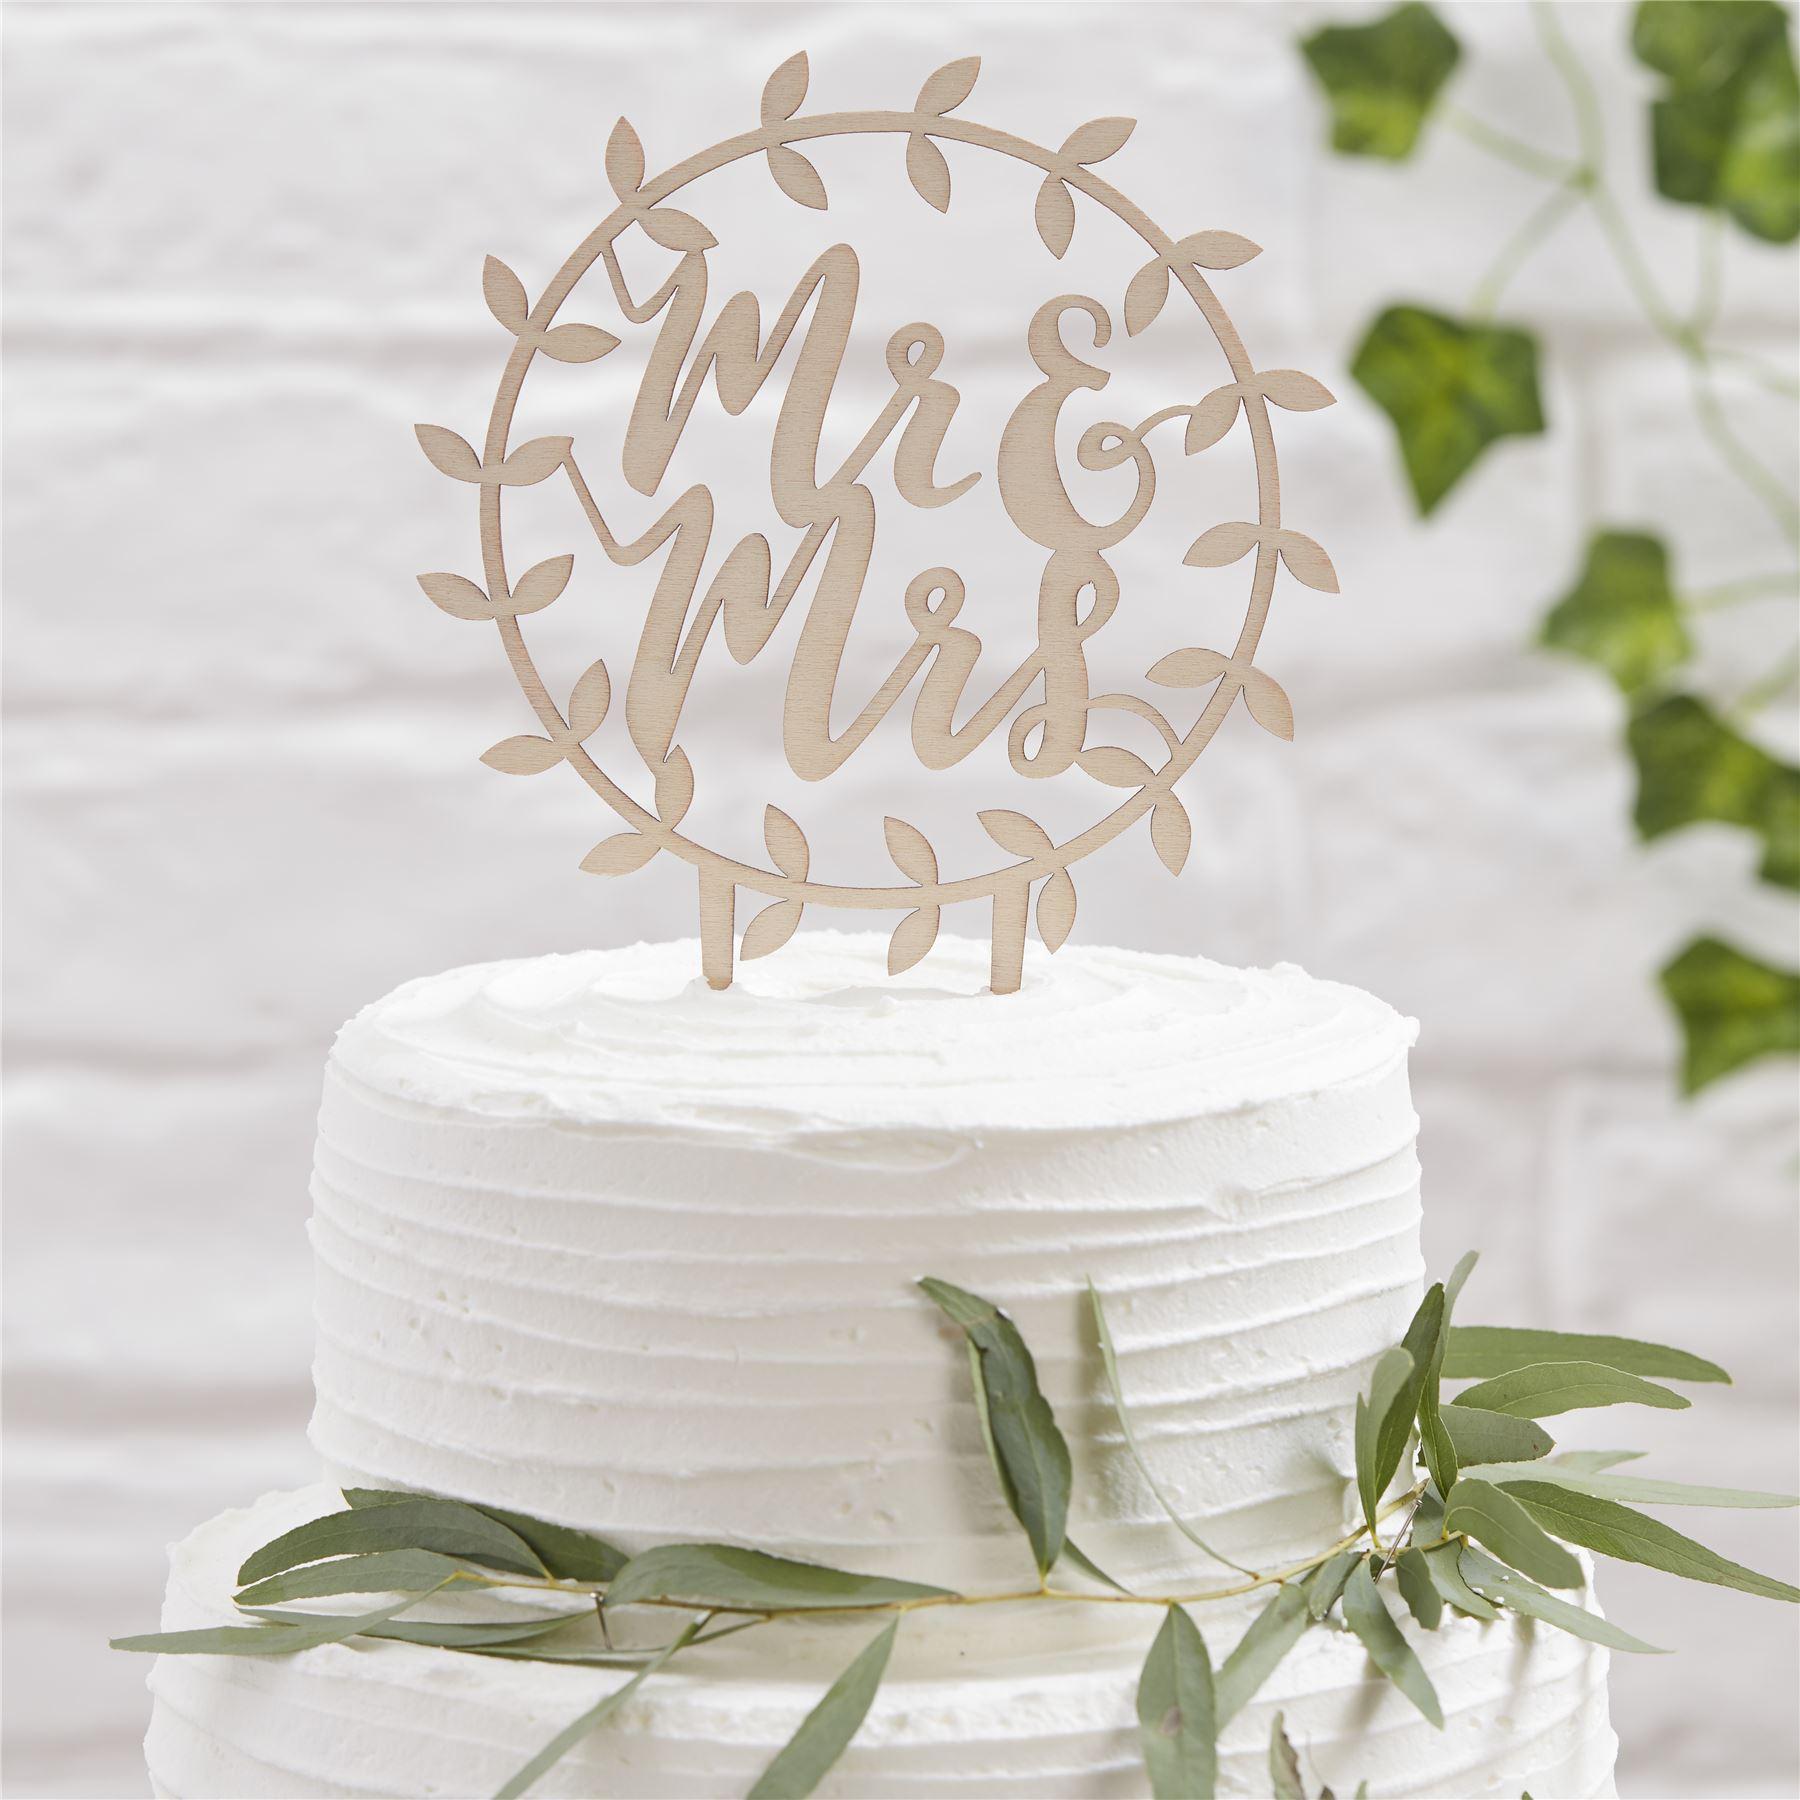 Ginger Ray Hochzeit Tortenaufsatz Torte Kuchen Party Deko Holz Mr